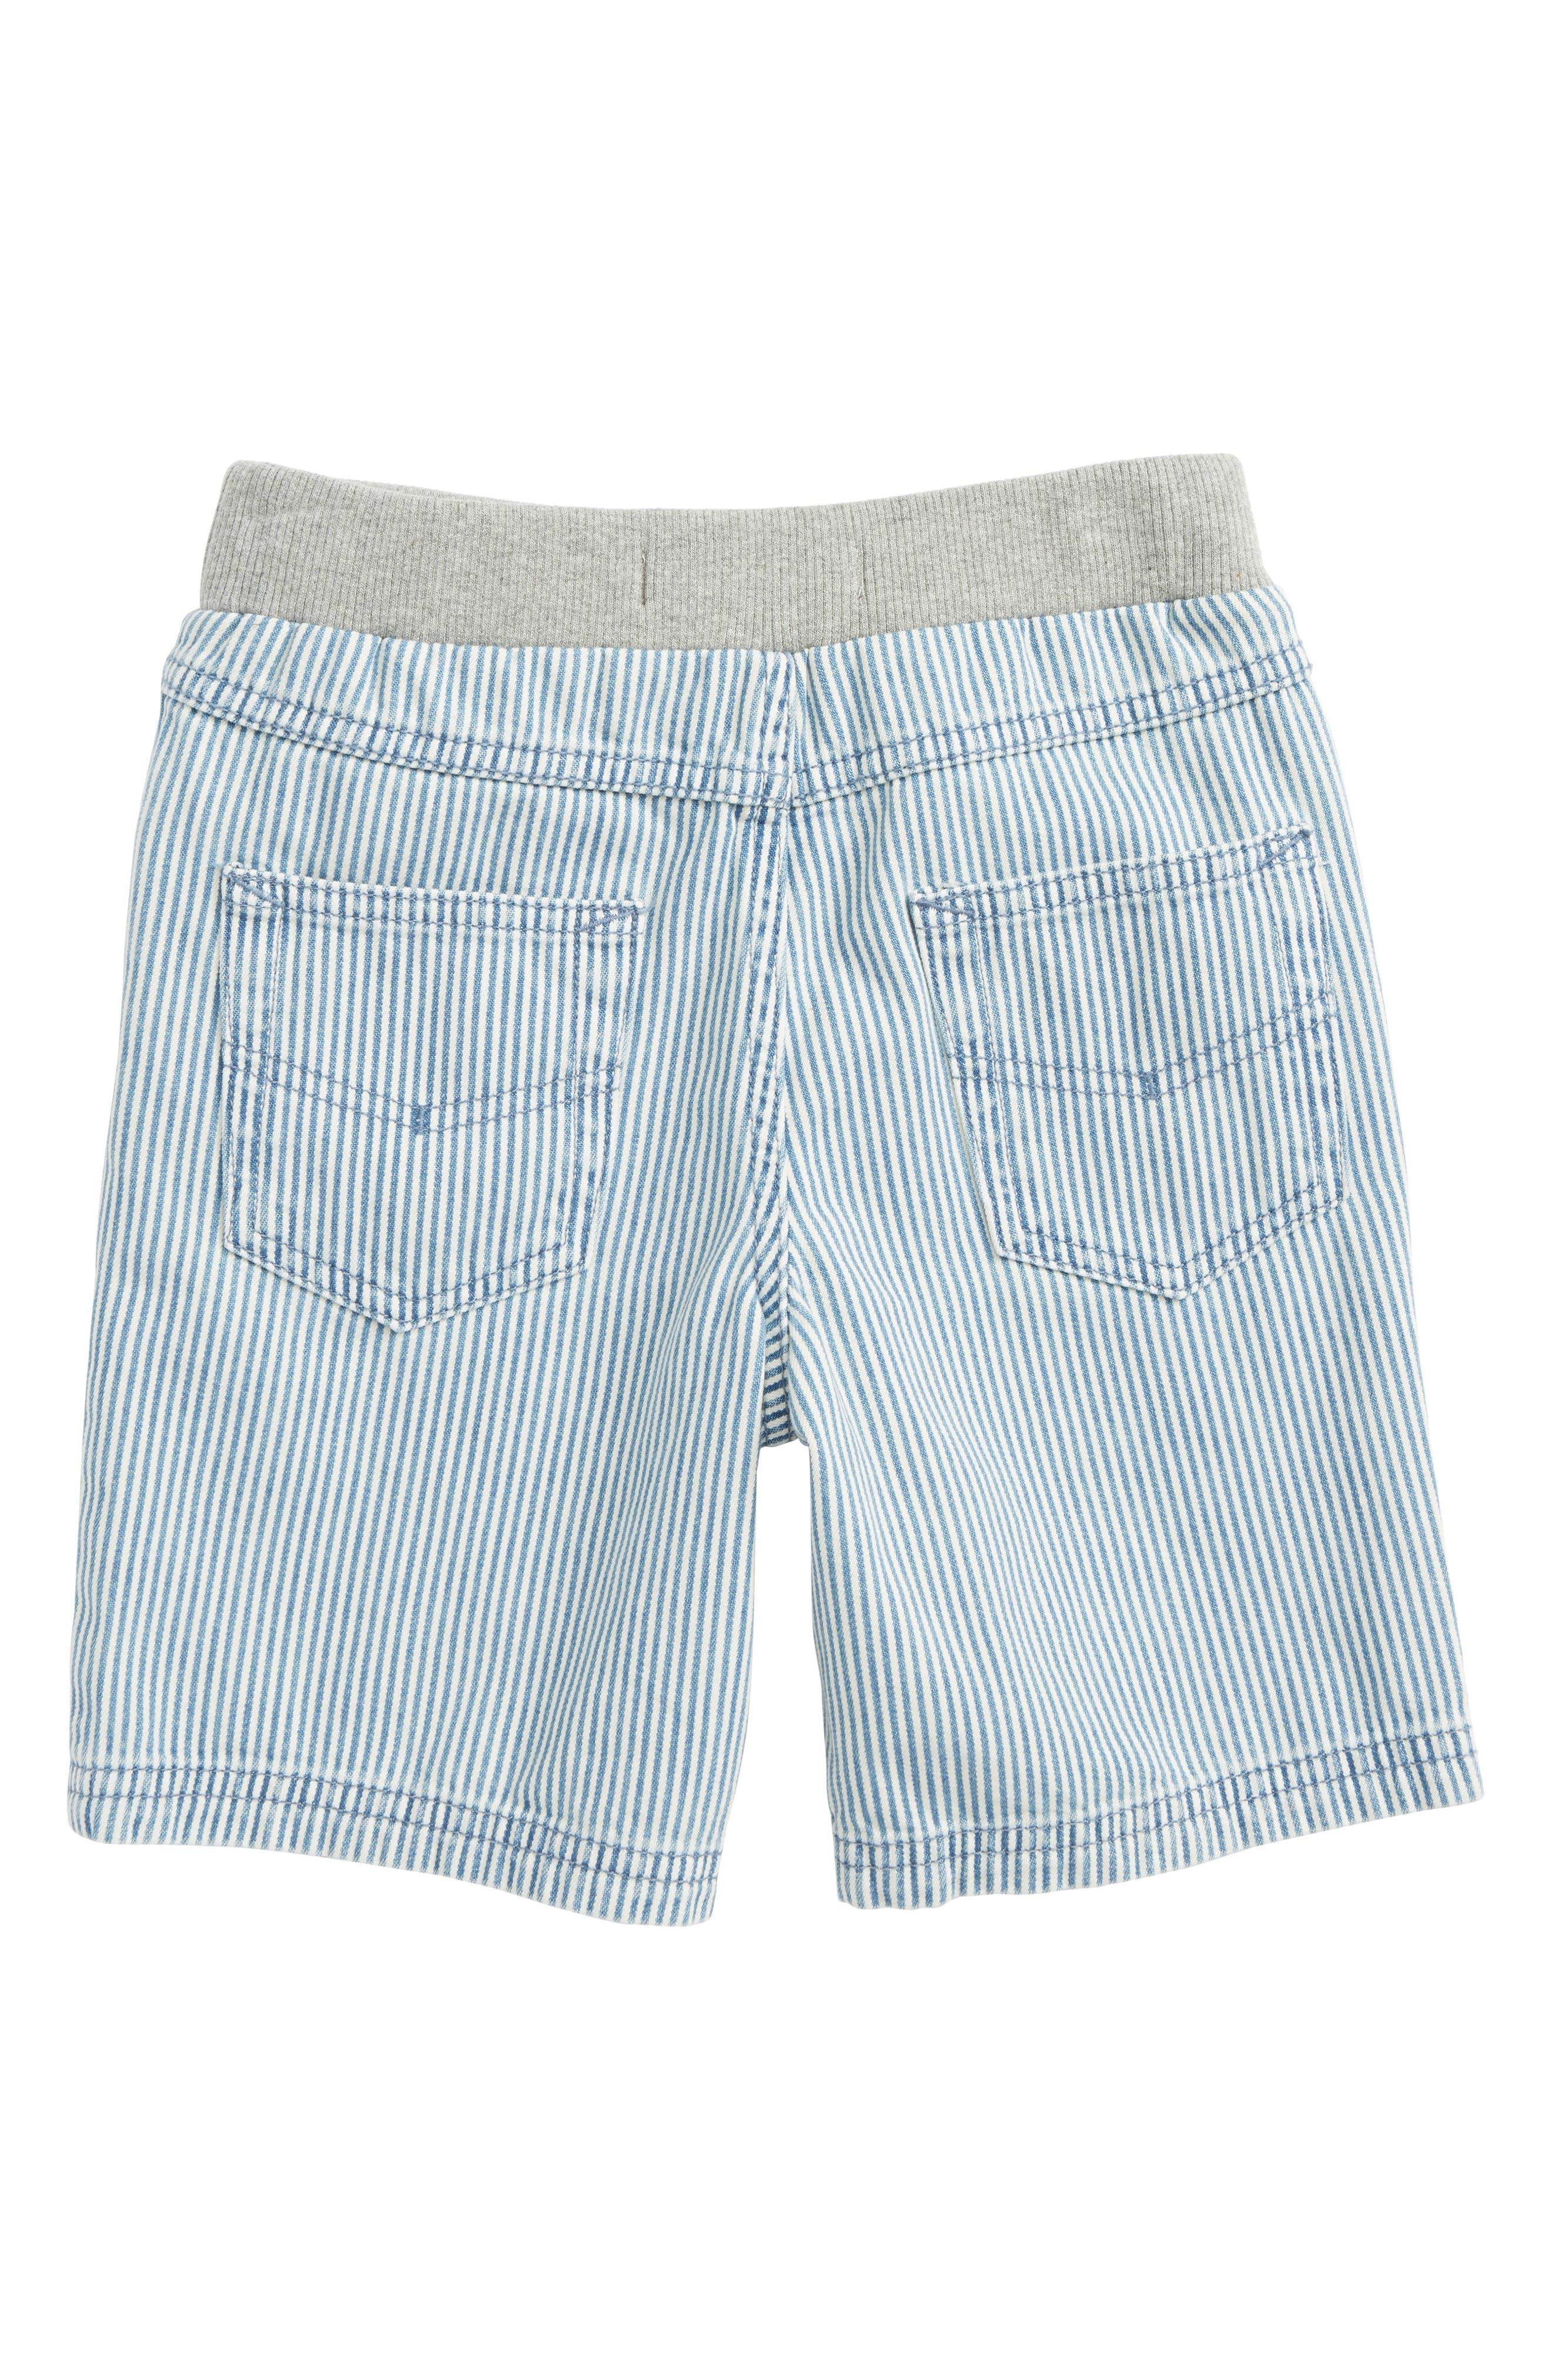 Stripe Shorts,                             Alternate thumbnail 2, color,